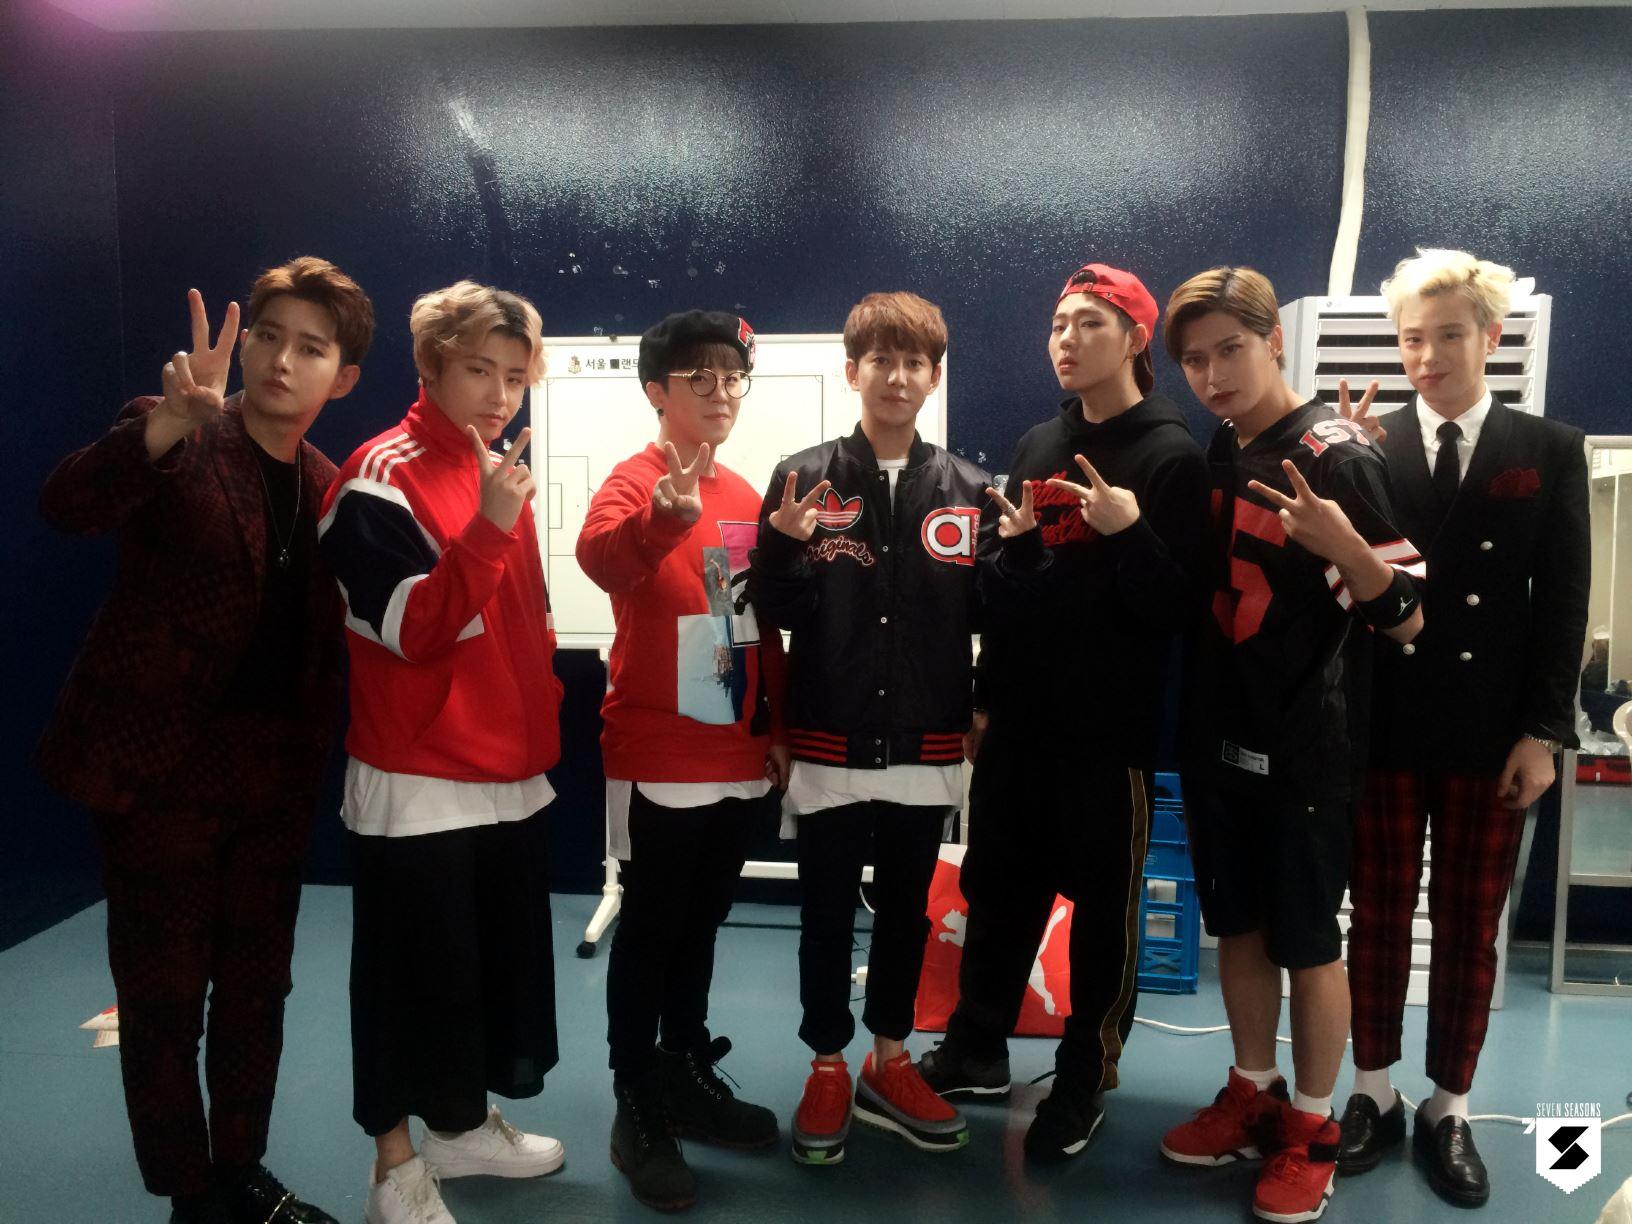 ♡ 創作男團 4 號 :: Block B  說到創作也不能不提他們,沒錯!就是 Block B!除了音源小霸王 Zico 外,其他的成員也是各個身懷絕技,所以他們的歌曲也非常有自己的特色。